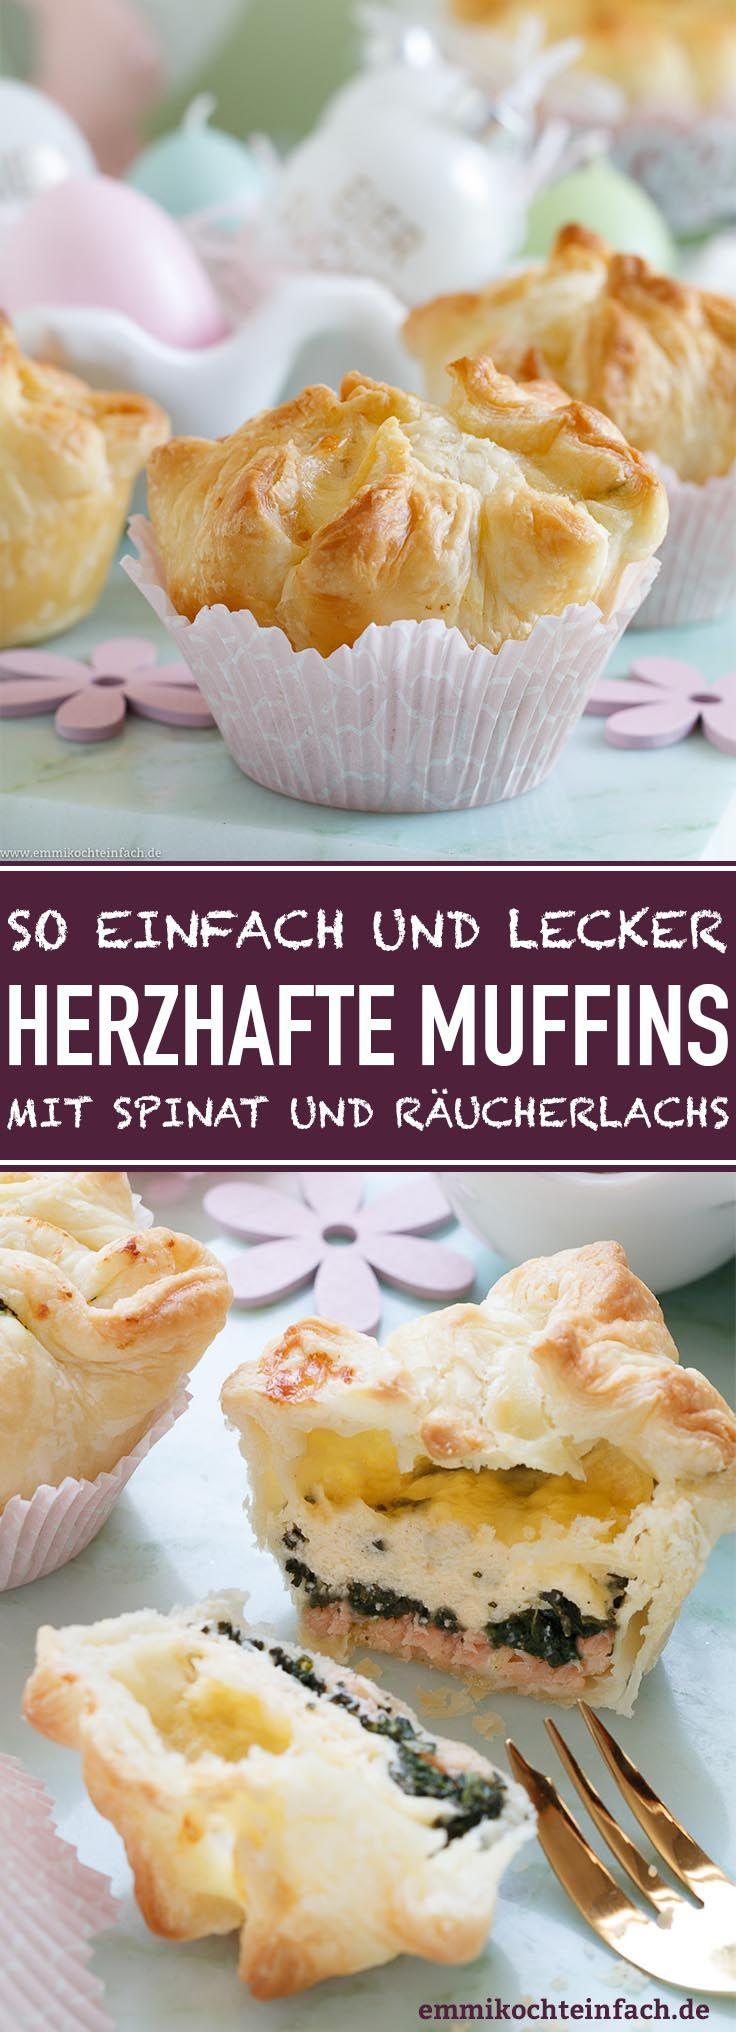 Herzhafte Muffins mit Spinat und Räucherlachs - emmikochteinfach